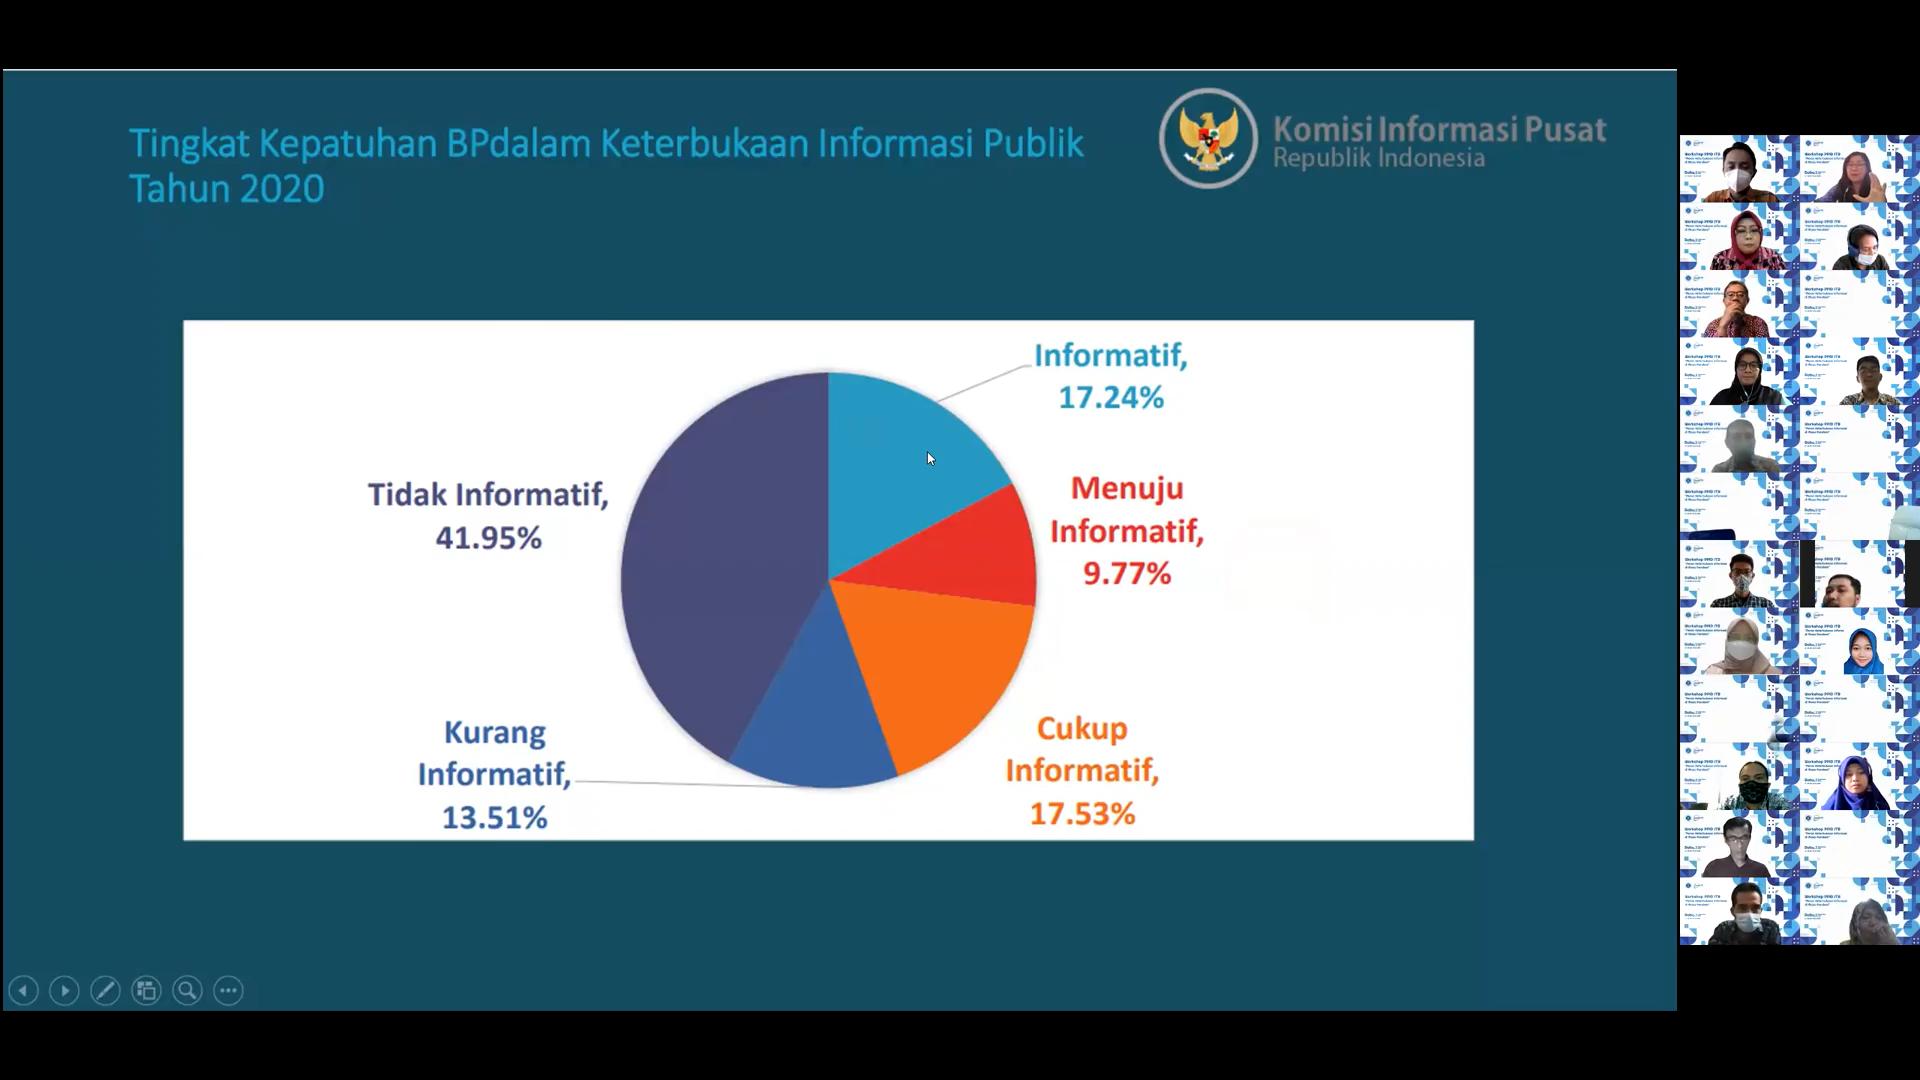 workshop-ppid-itb-digitalisasi-jadi-kunci-keterbukaan-informasi-publik-di-masa-pandemi